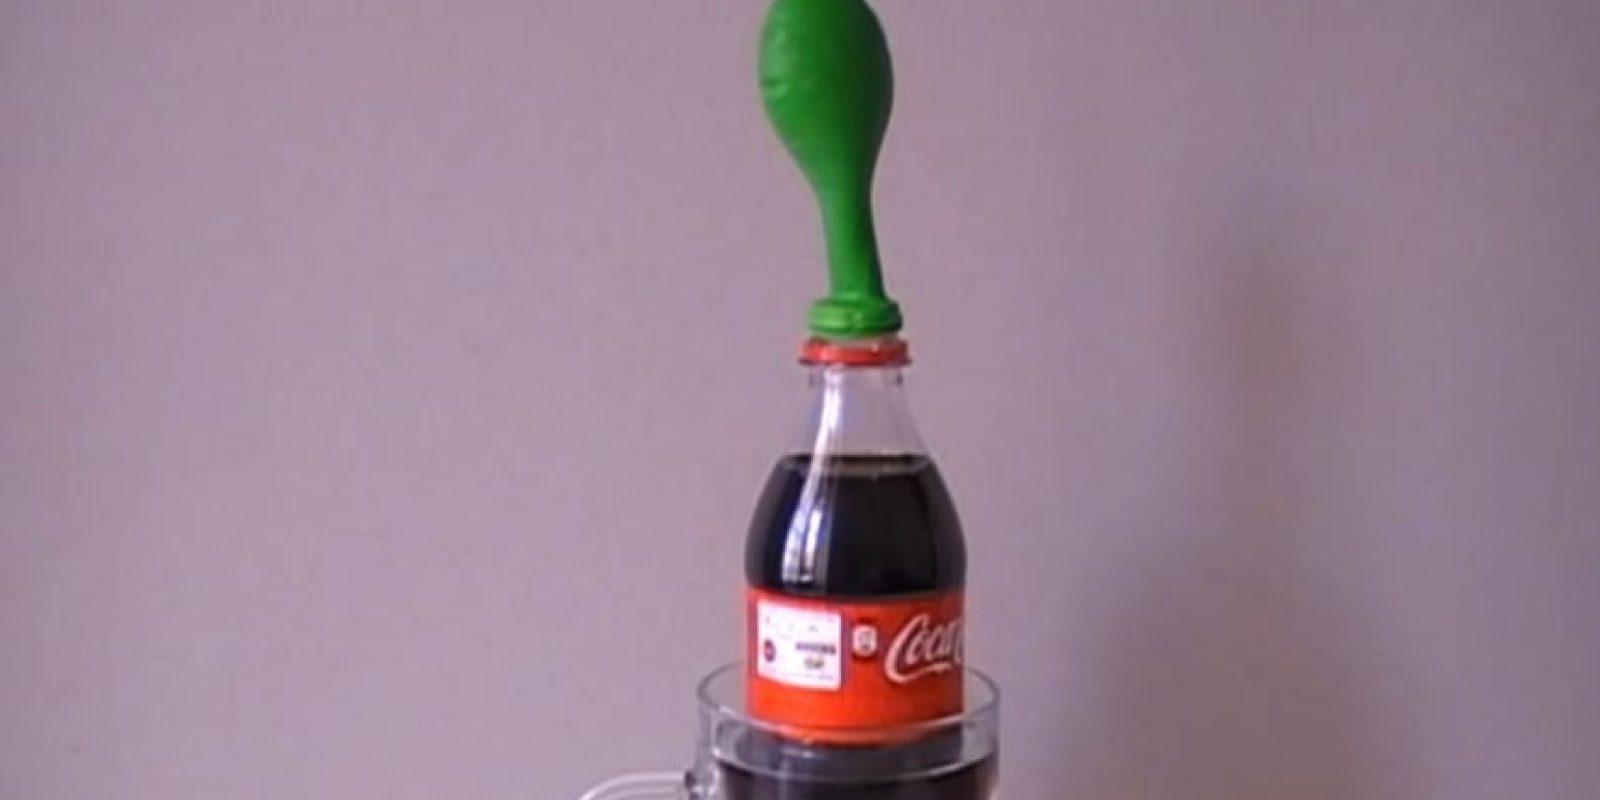 Un vaso de agua caliente, una coca y un globo. Foto:Captura. Imagen Por: